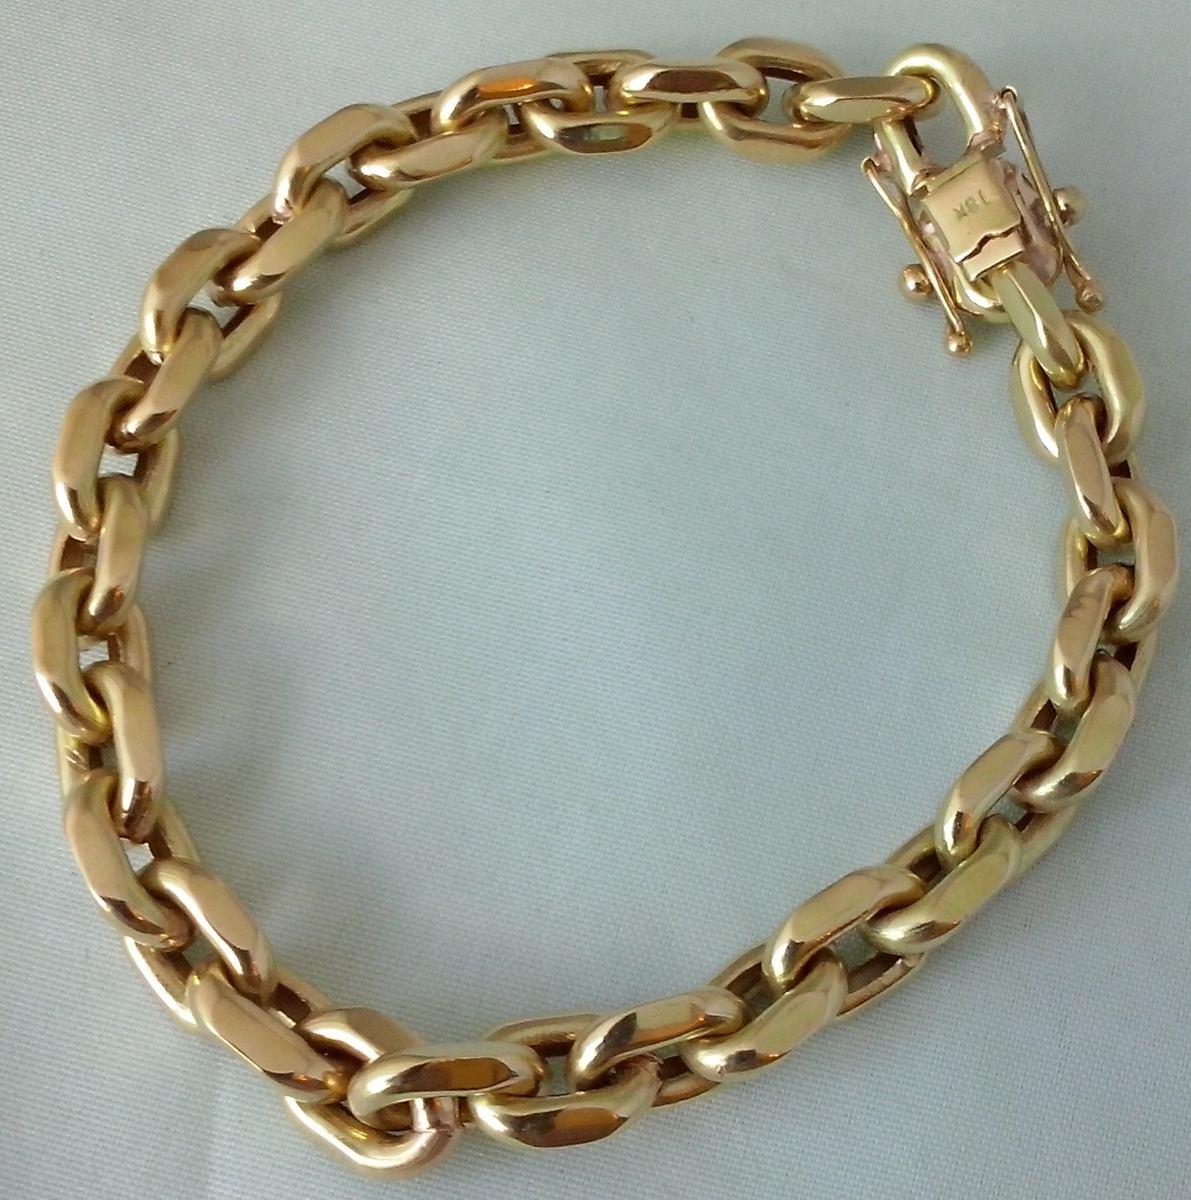 e8f48ce1fdf pulseira cadeado em ouro 18 k 750. Carregando zoom.